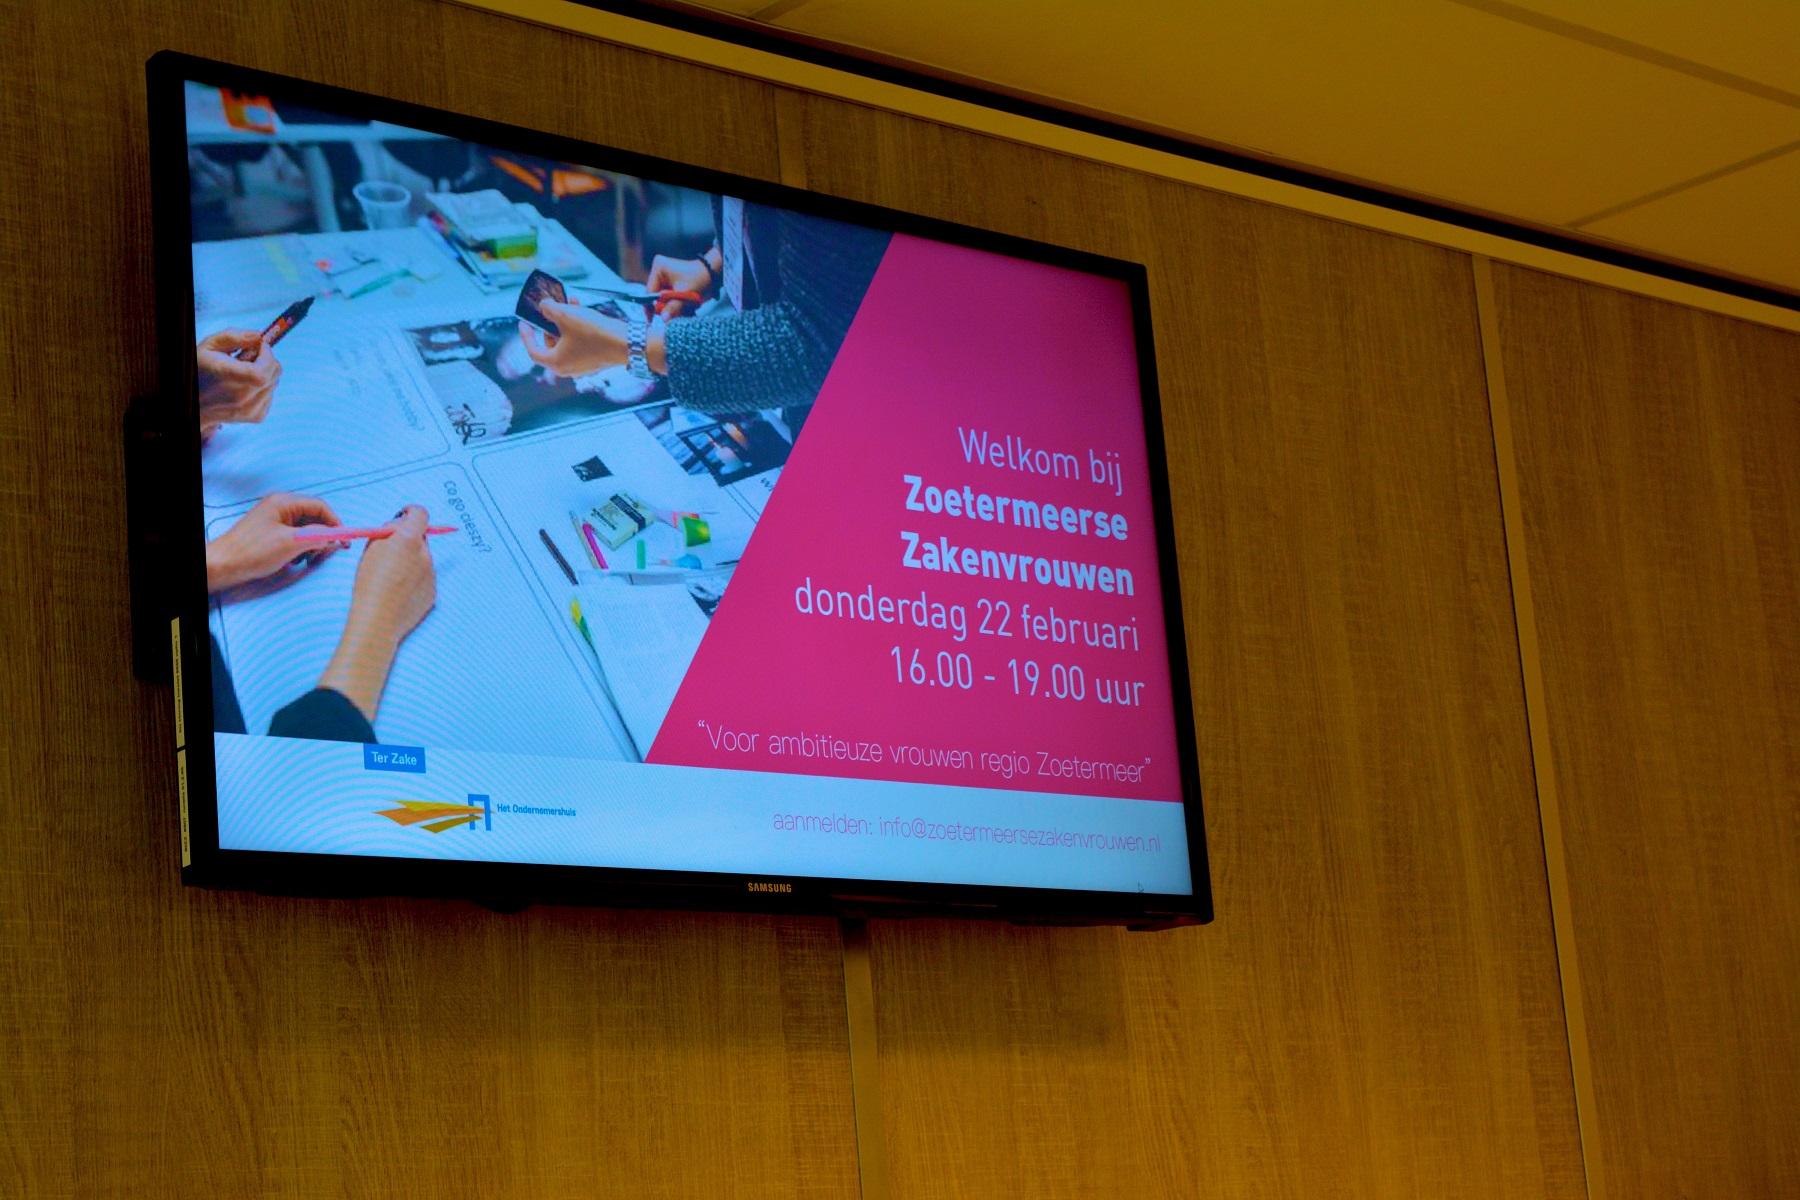 Bijeenkomst #1: Zoetermeerse Zakenvrouwen